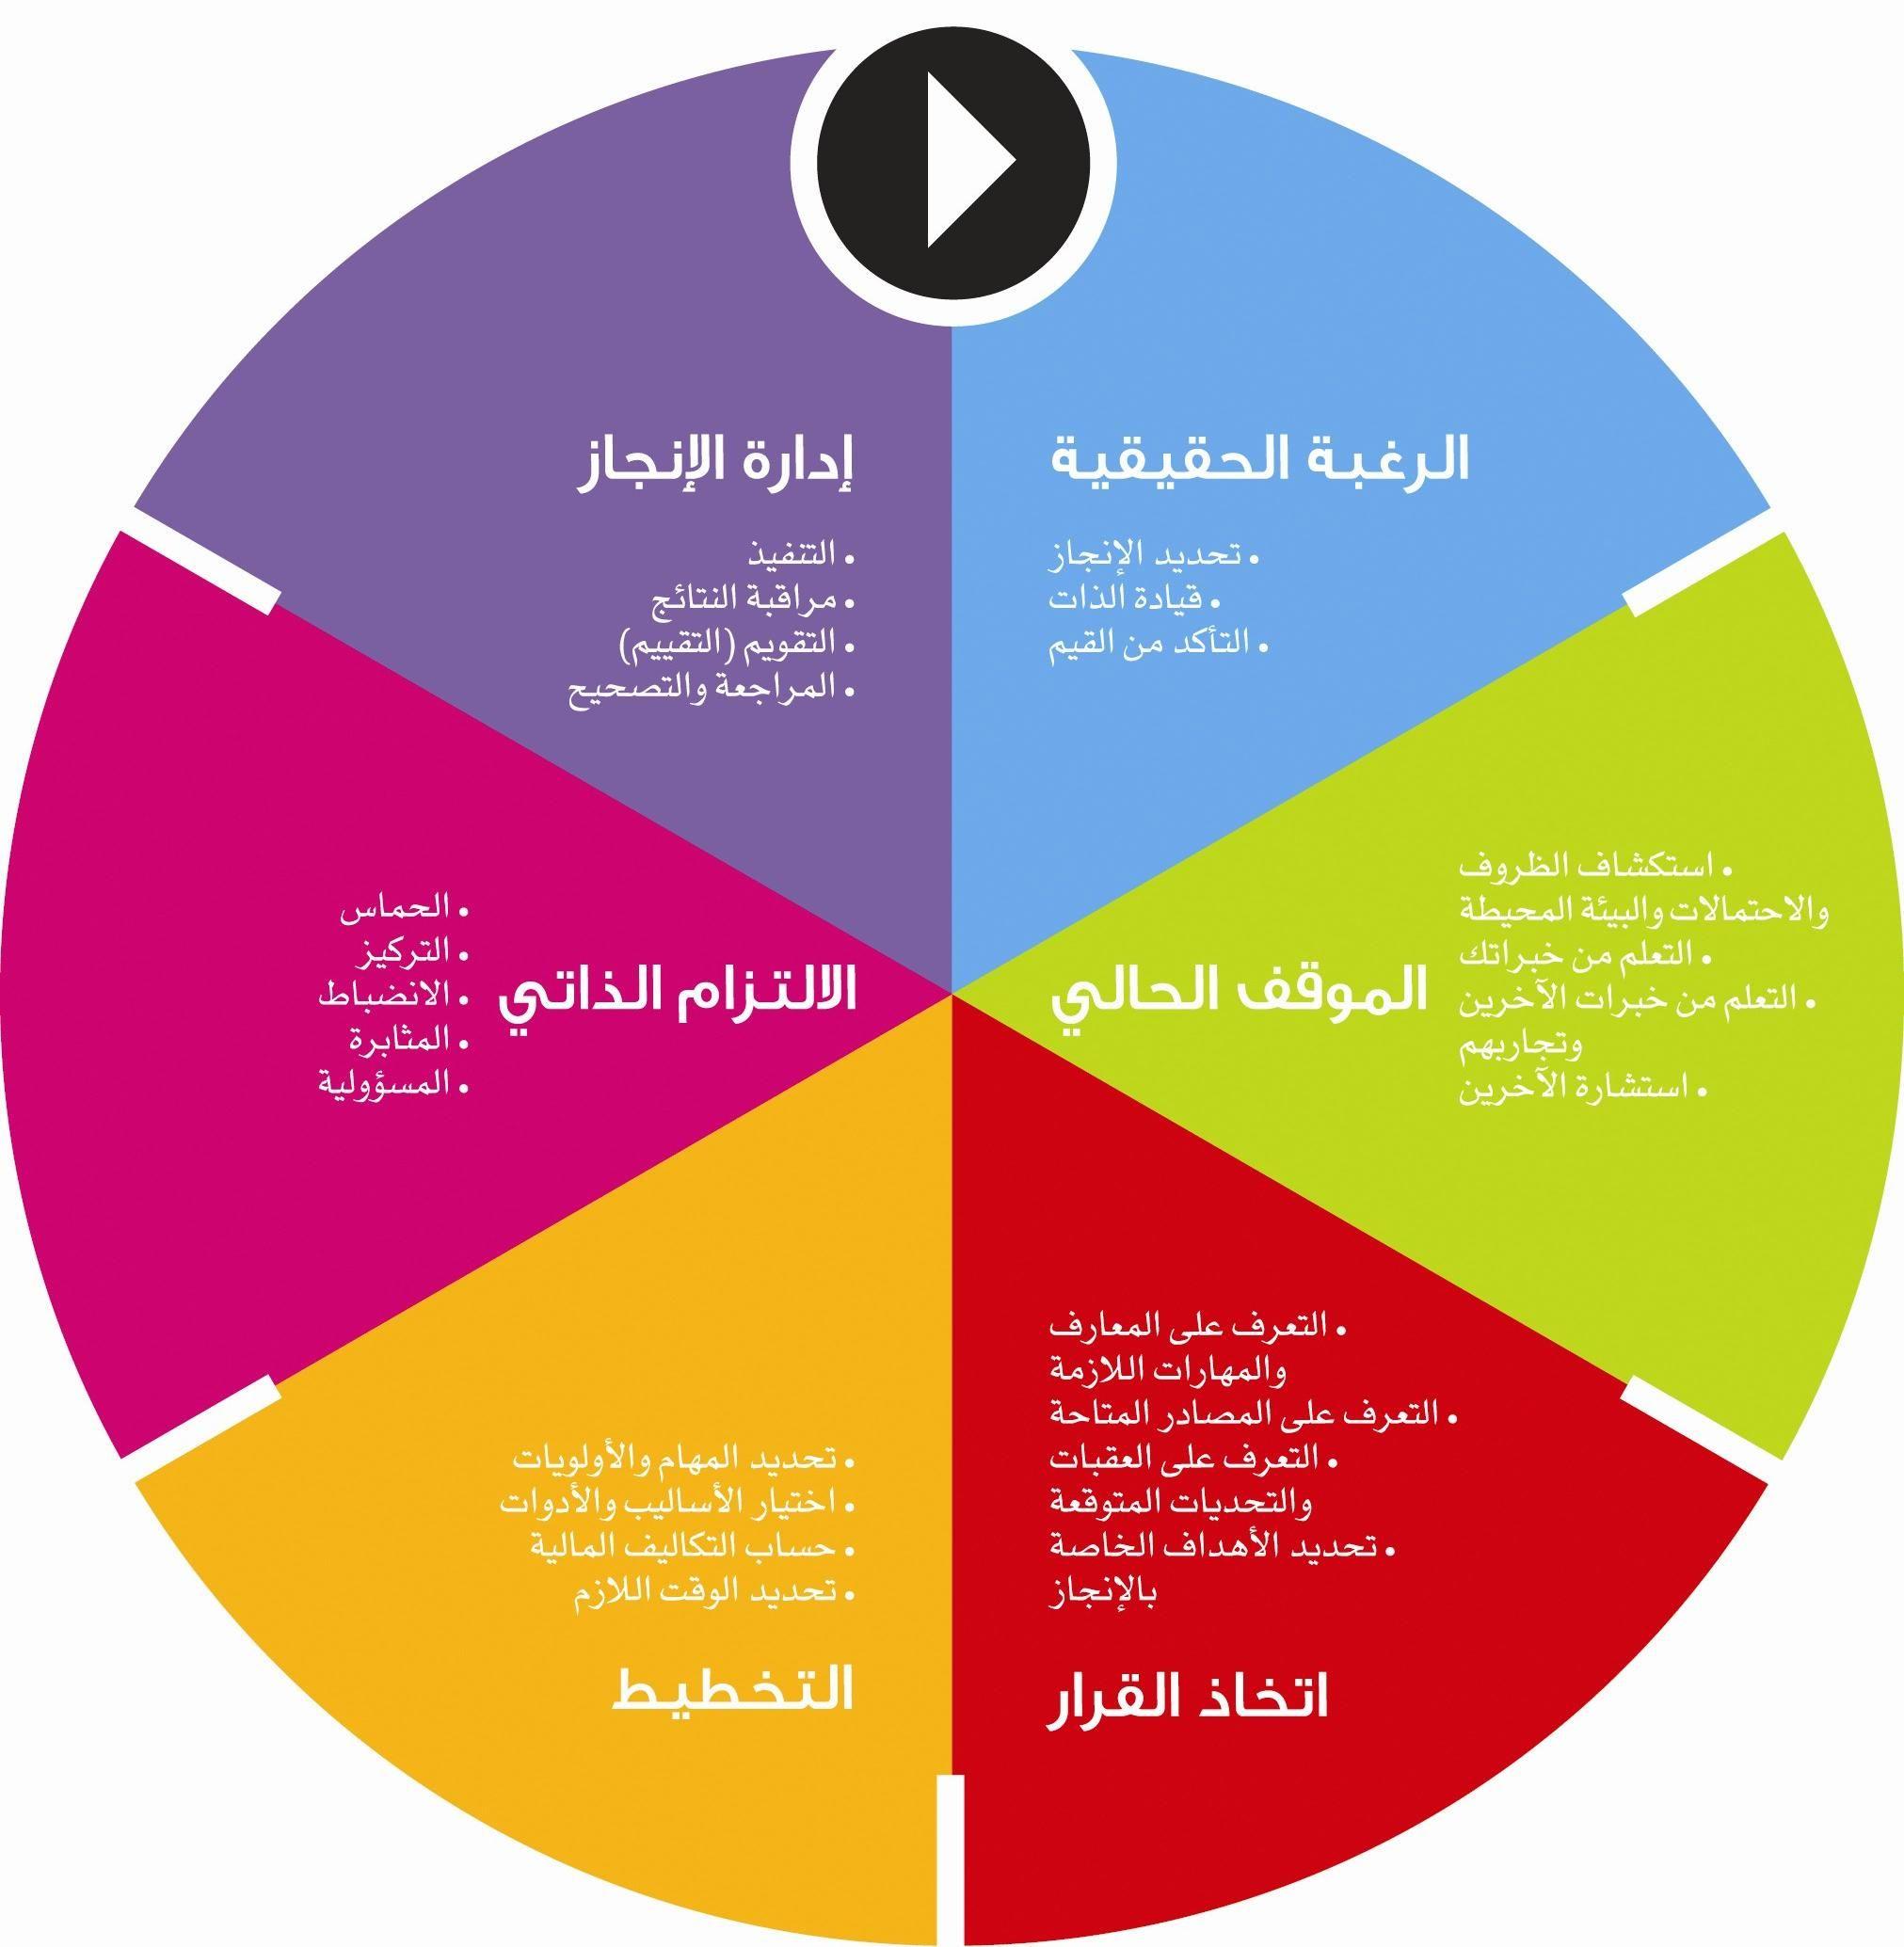 نموذج ركاز للإنجاز Pie Chart Chart